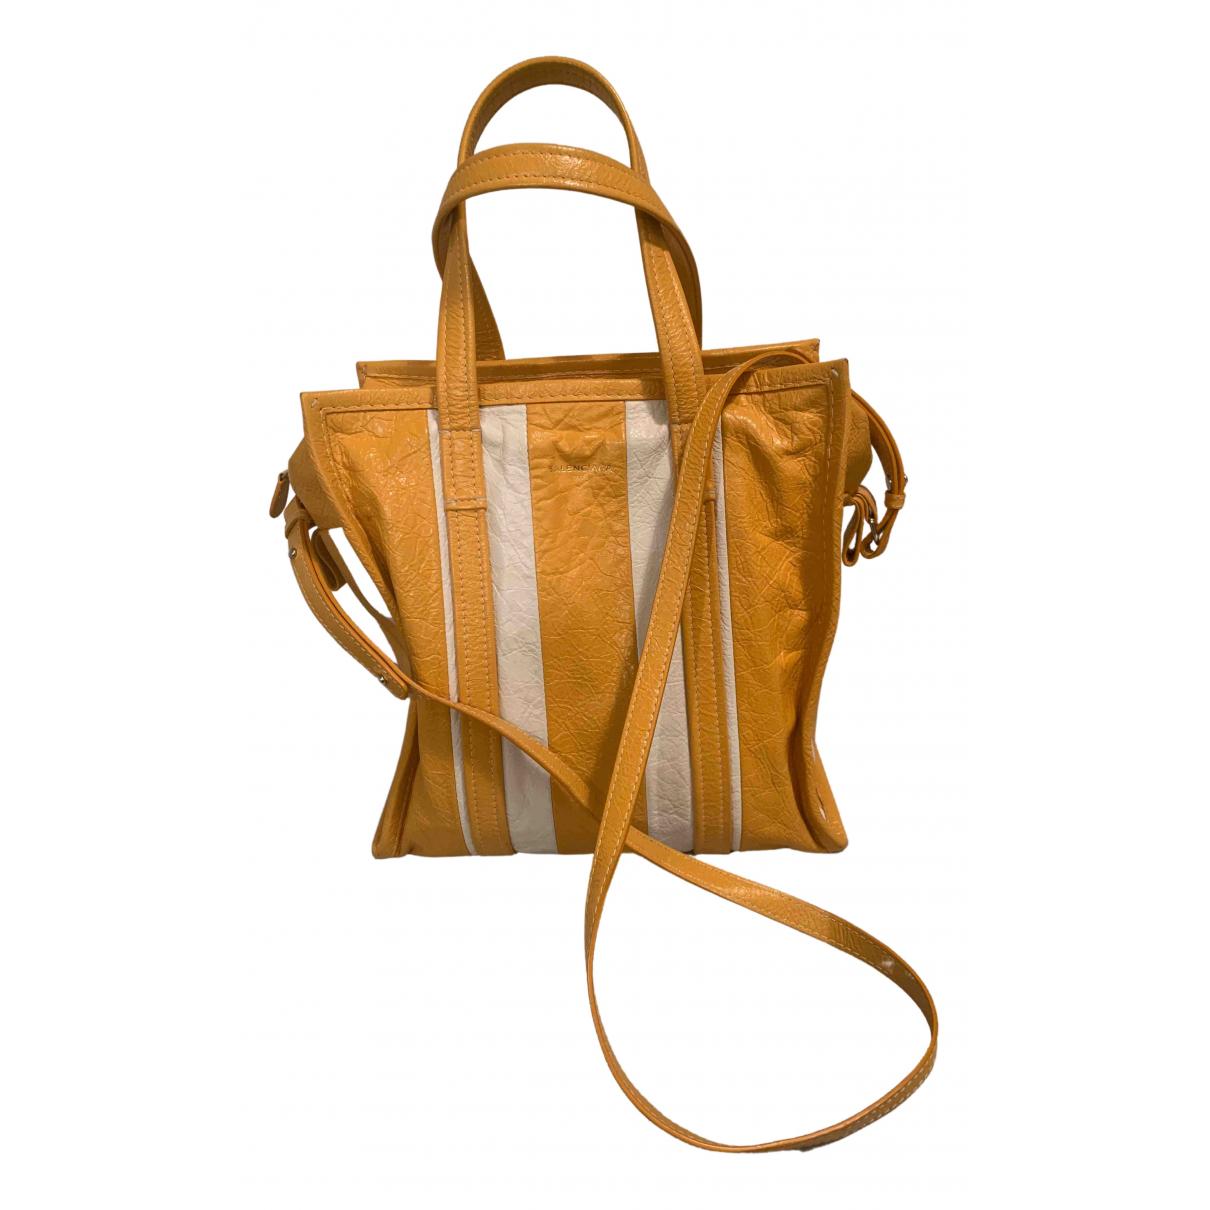 Balenciaga Bazar Bag Yellow Leather handbag for Women N